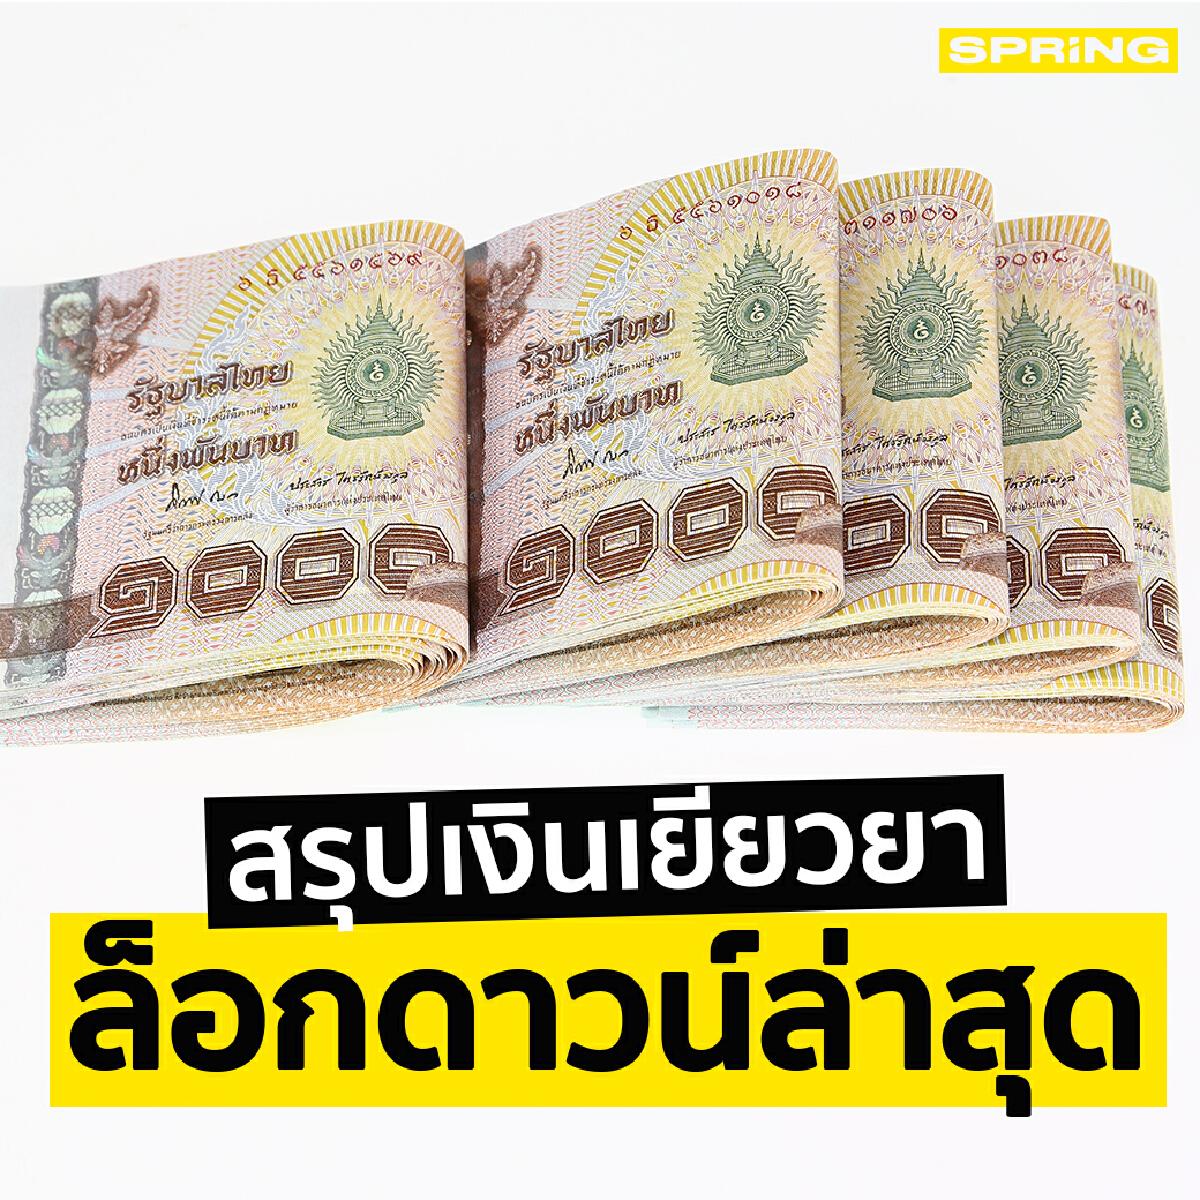 """เงินเยียวยาประกันสังคม sso.go.th เข้าวันไหน เช็กสิทธิ จ่ายผ่าน """"พร้อมเพย์"""""""